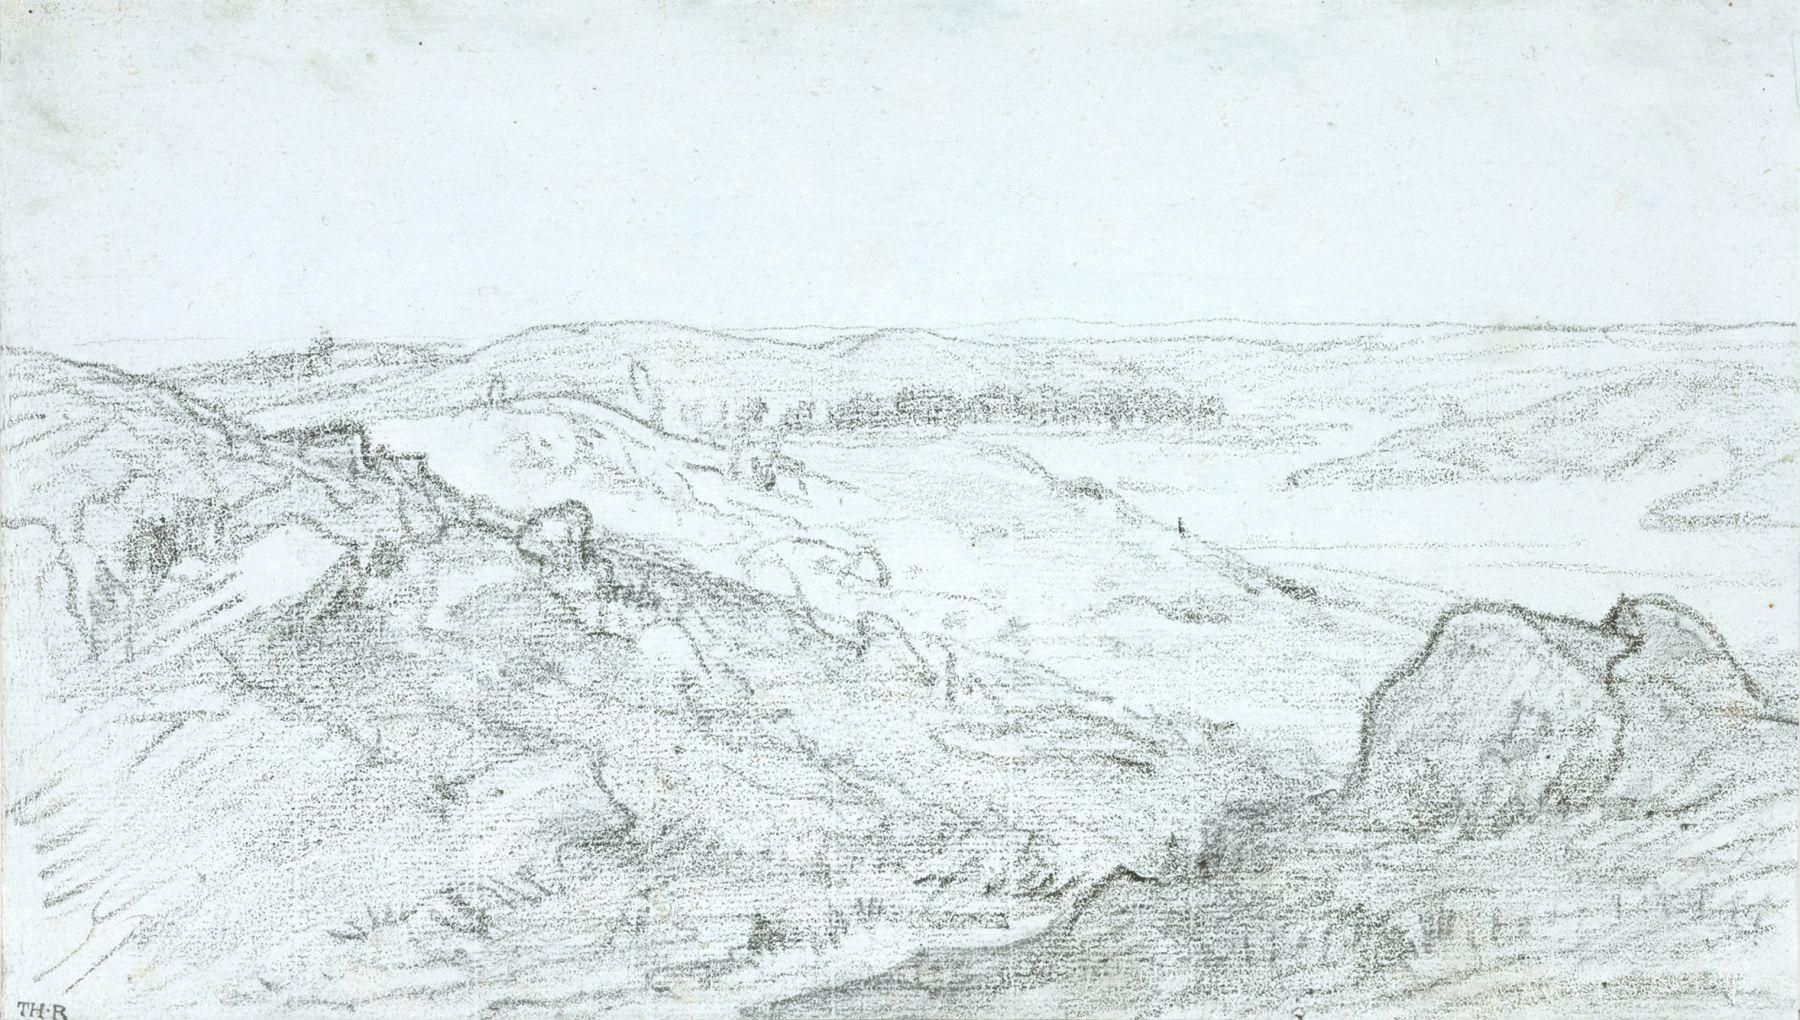 Théodore Rousseau  Les Gorges d'Apremont, c. 1850  Pencil on blue paper 6 5/8 x 11 3/8 inches